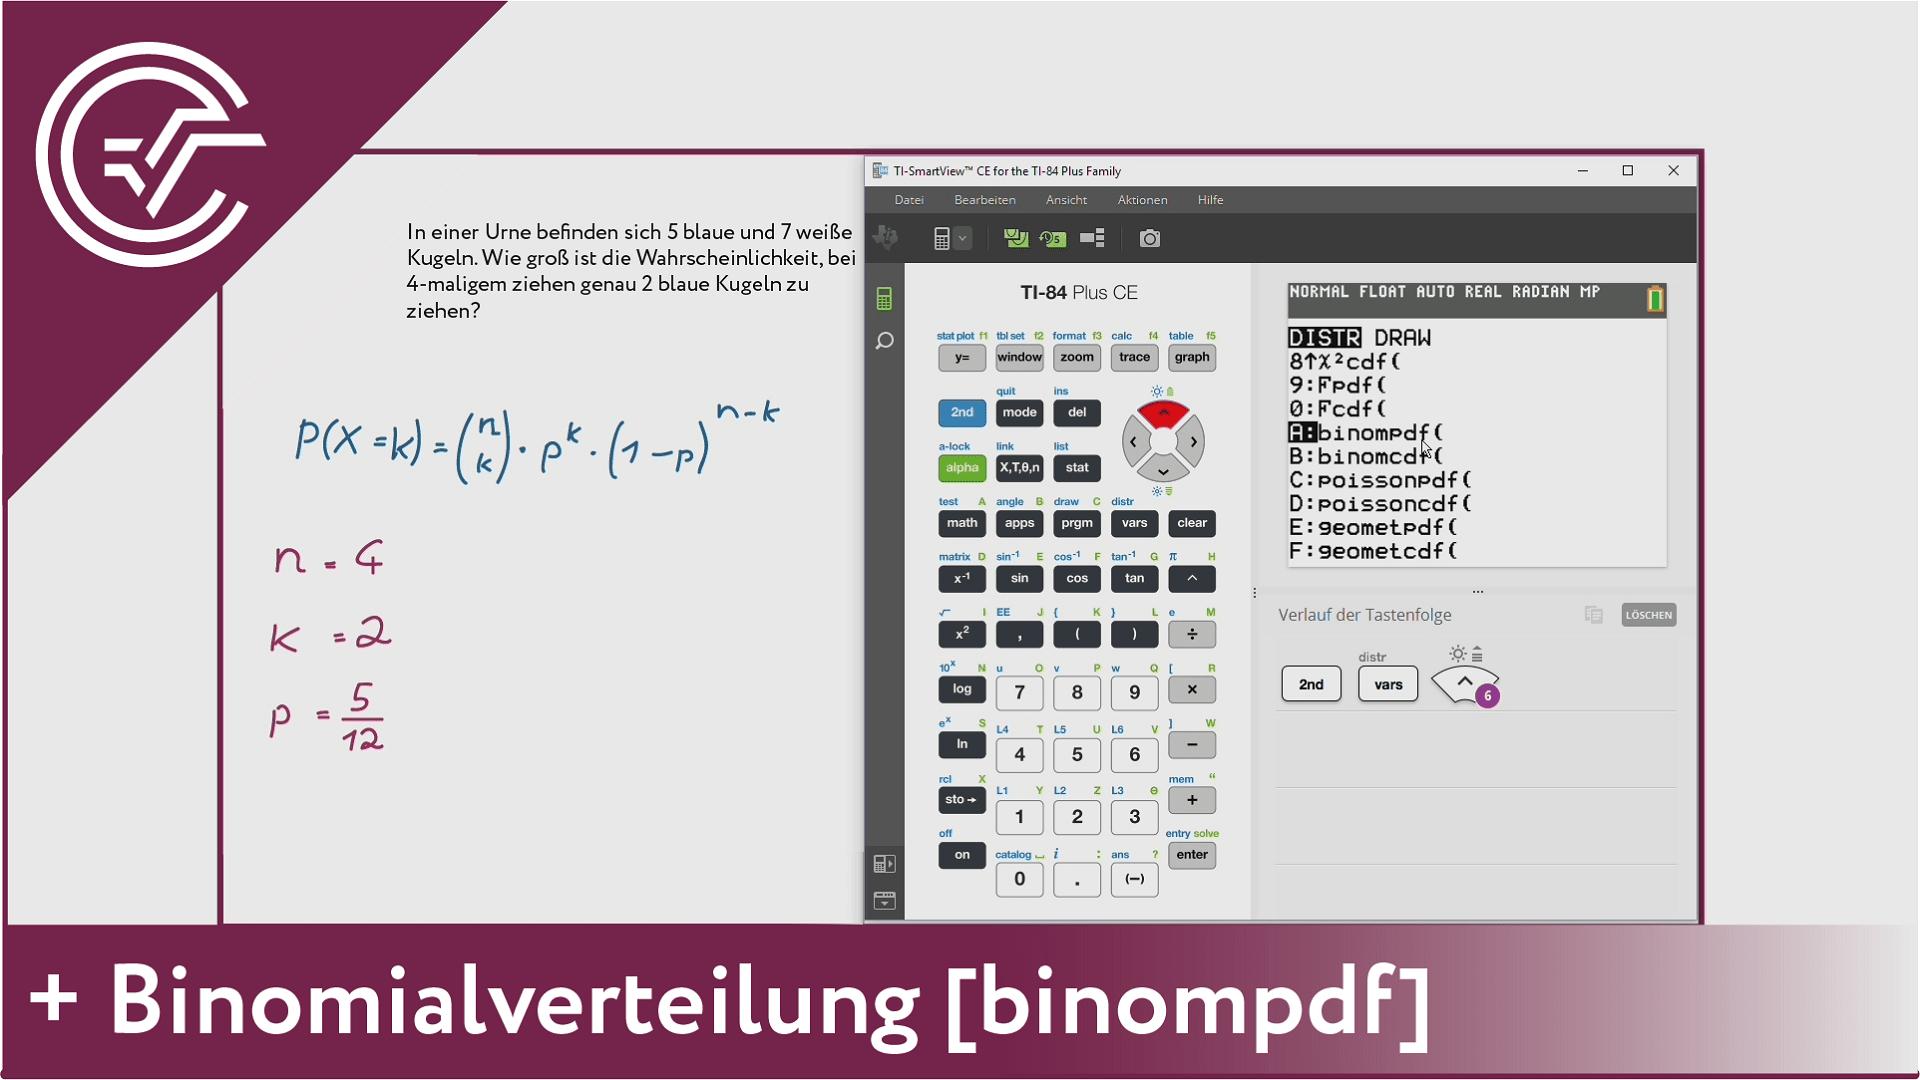 11. Binomialverteilung - binompdf [TI-84/83/82]